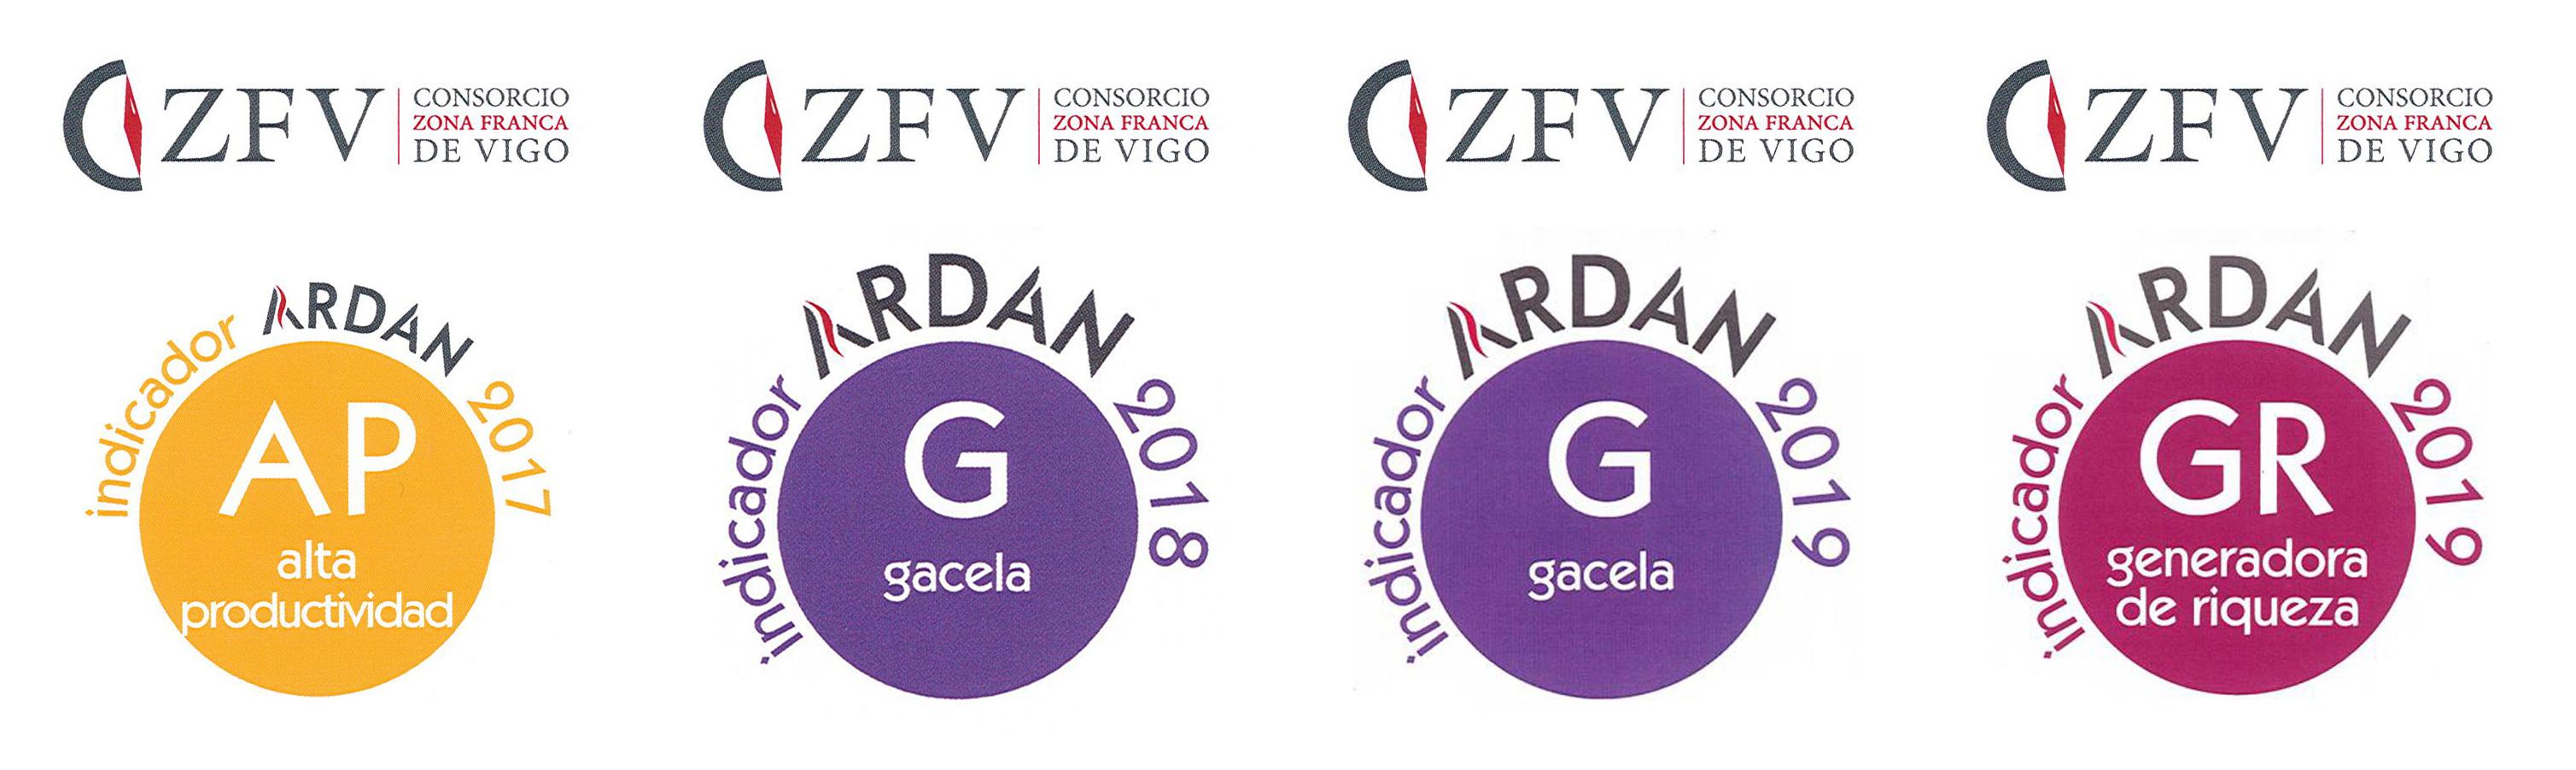 Consorcio Zona Franca de Vigo - Indicador Ardan